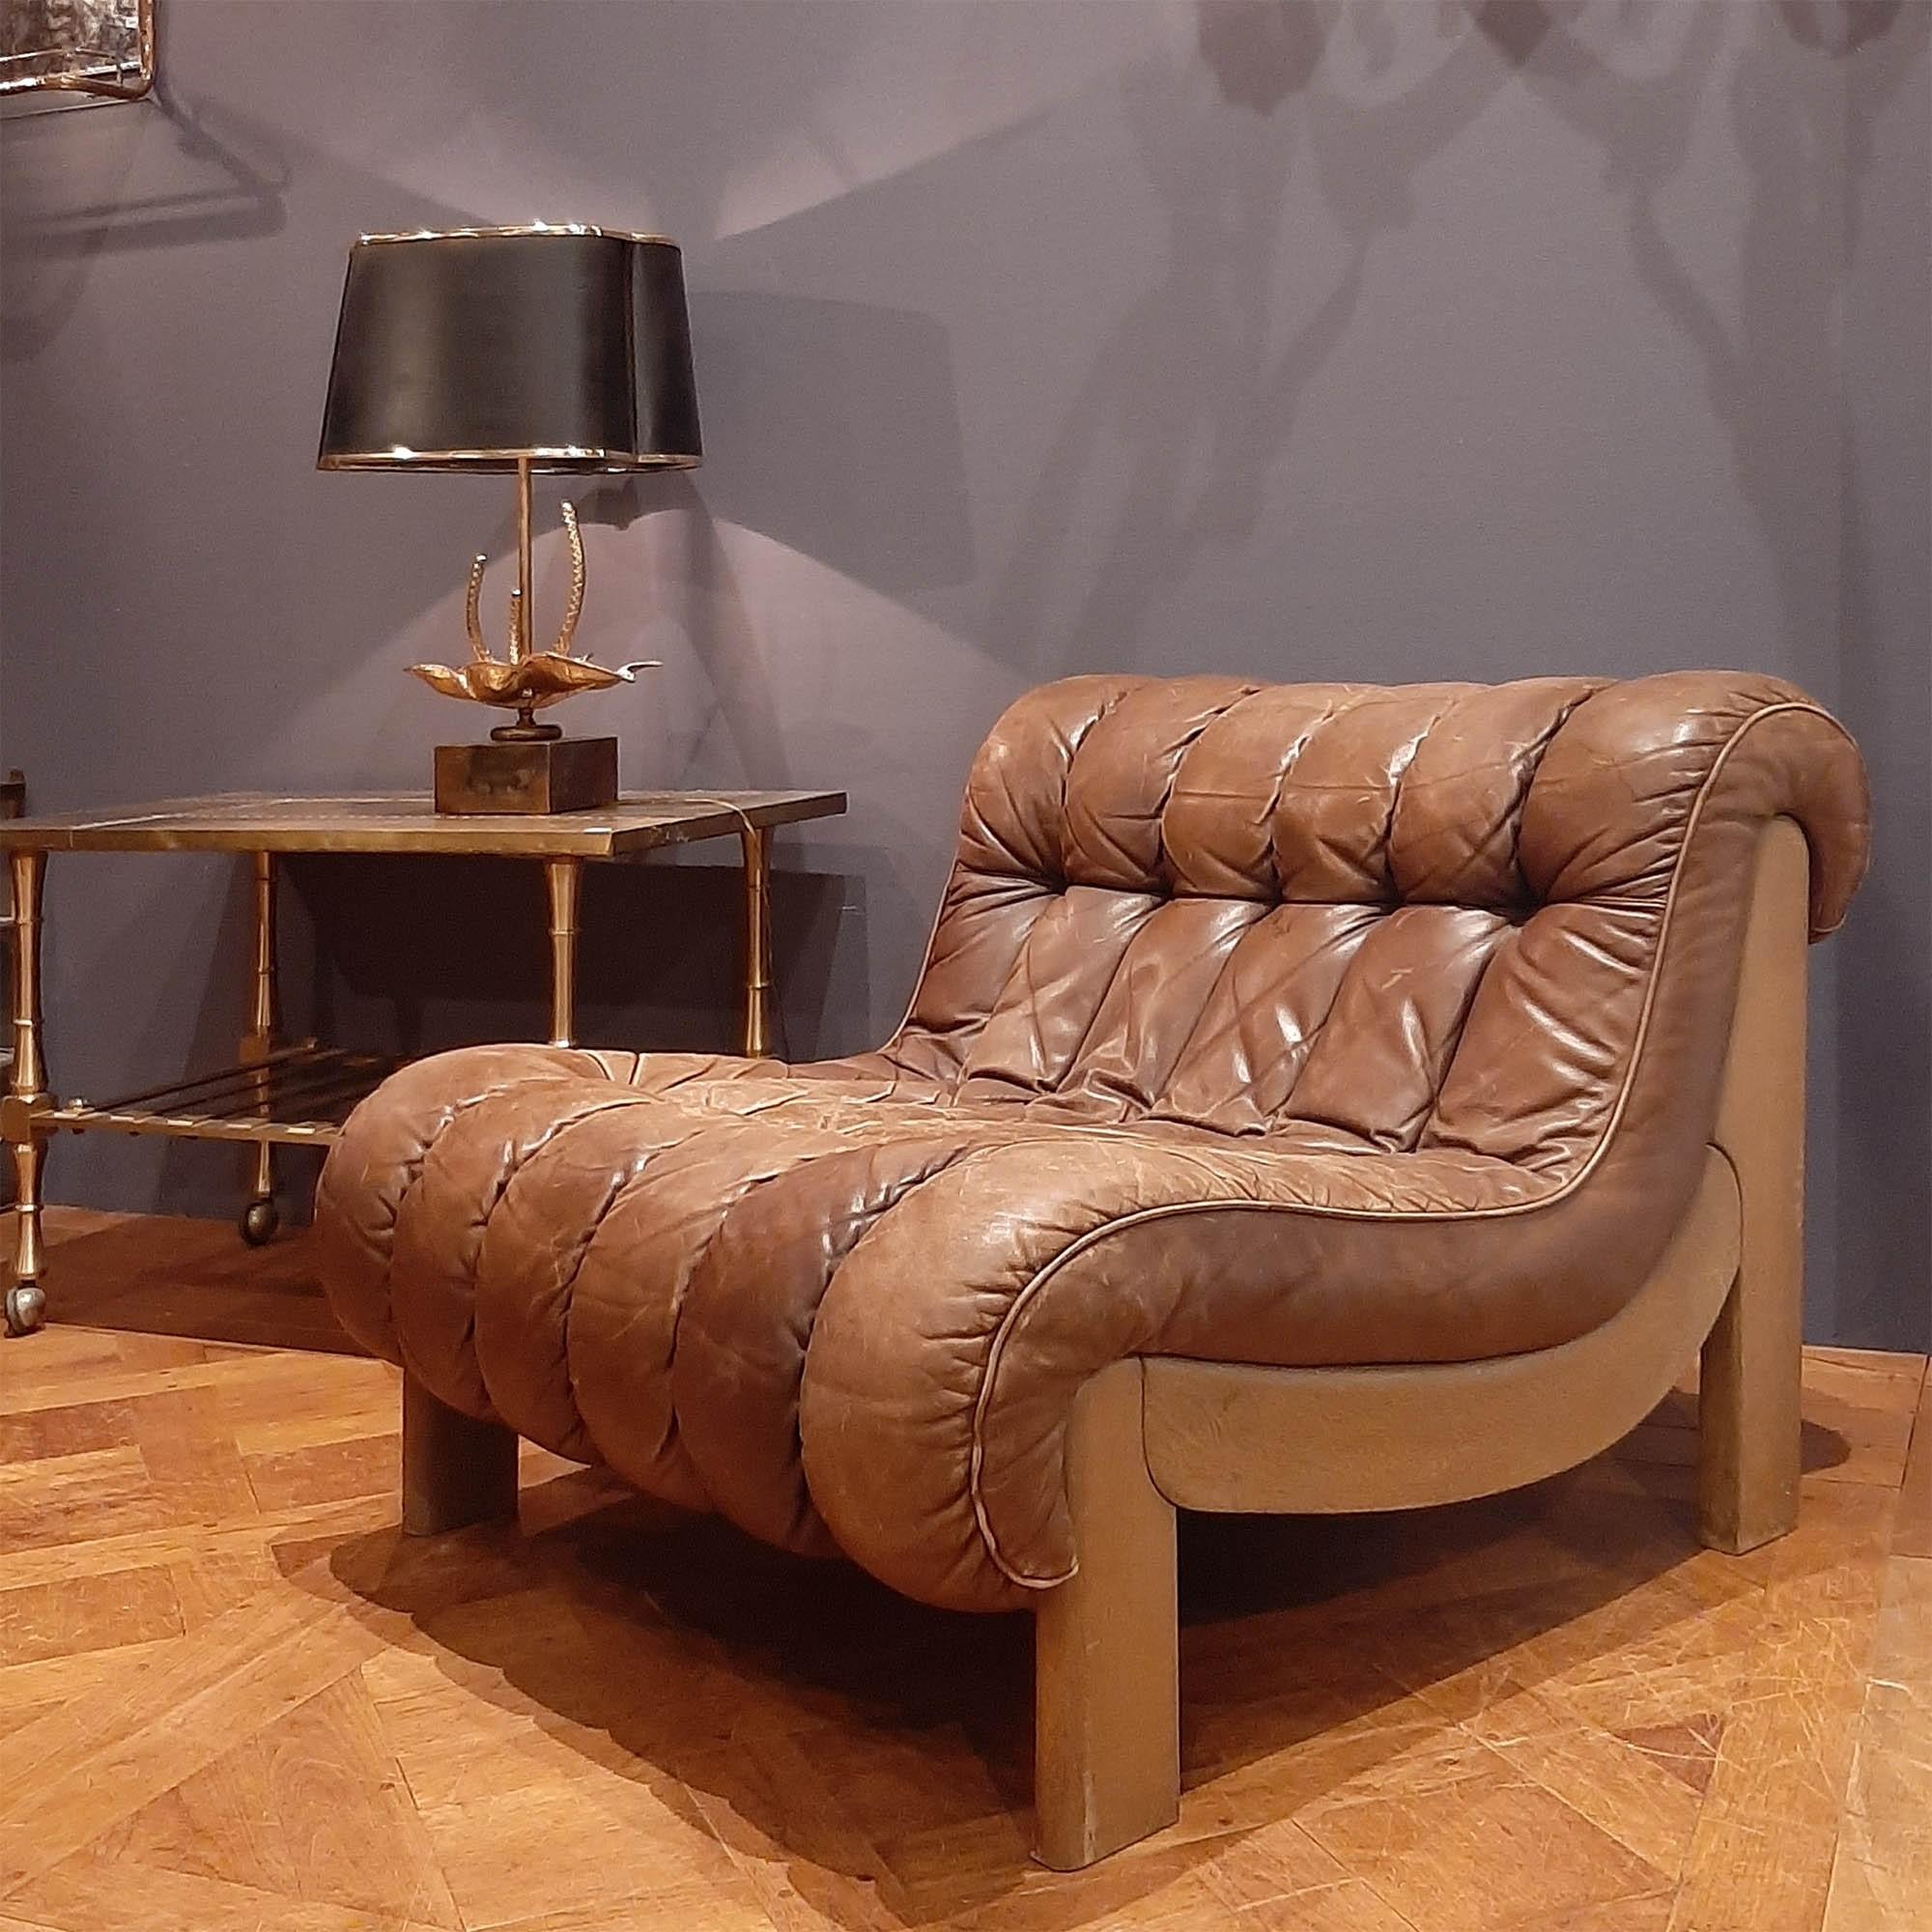 Verwonderlijk Lederen fauteuil in de stijl van De Sede - Piet Jonker MK-12